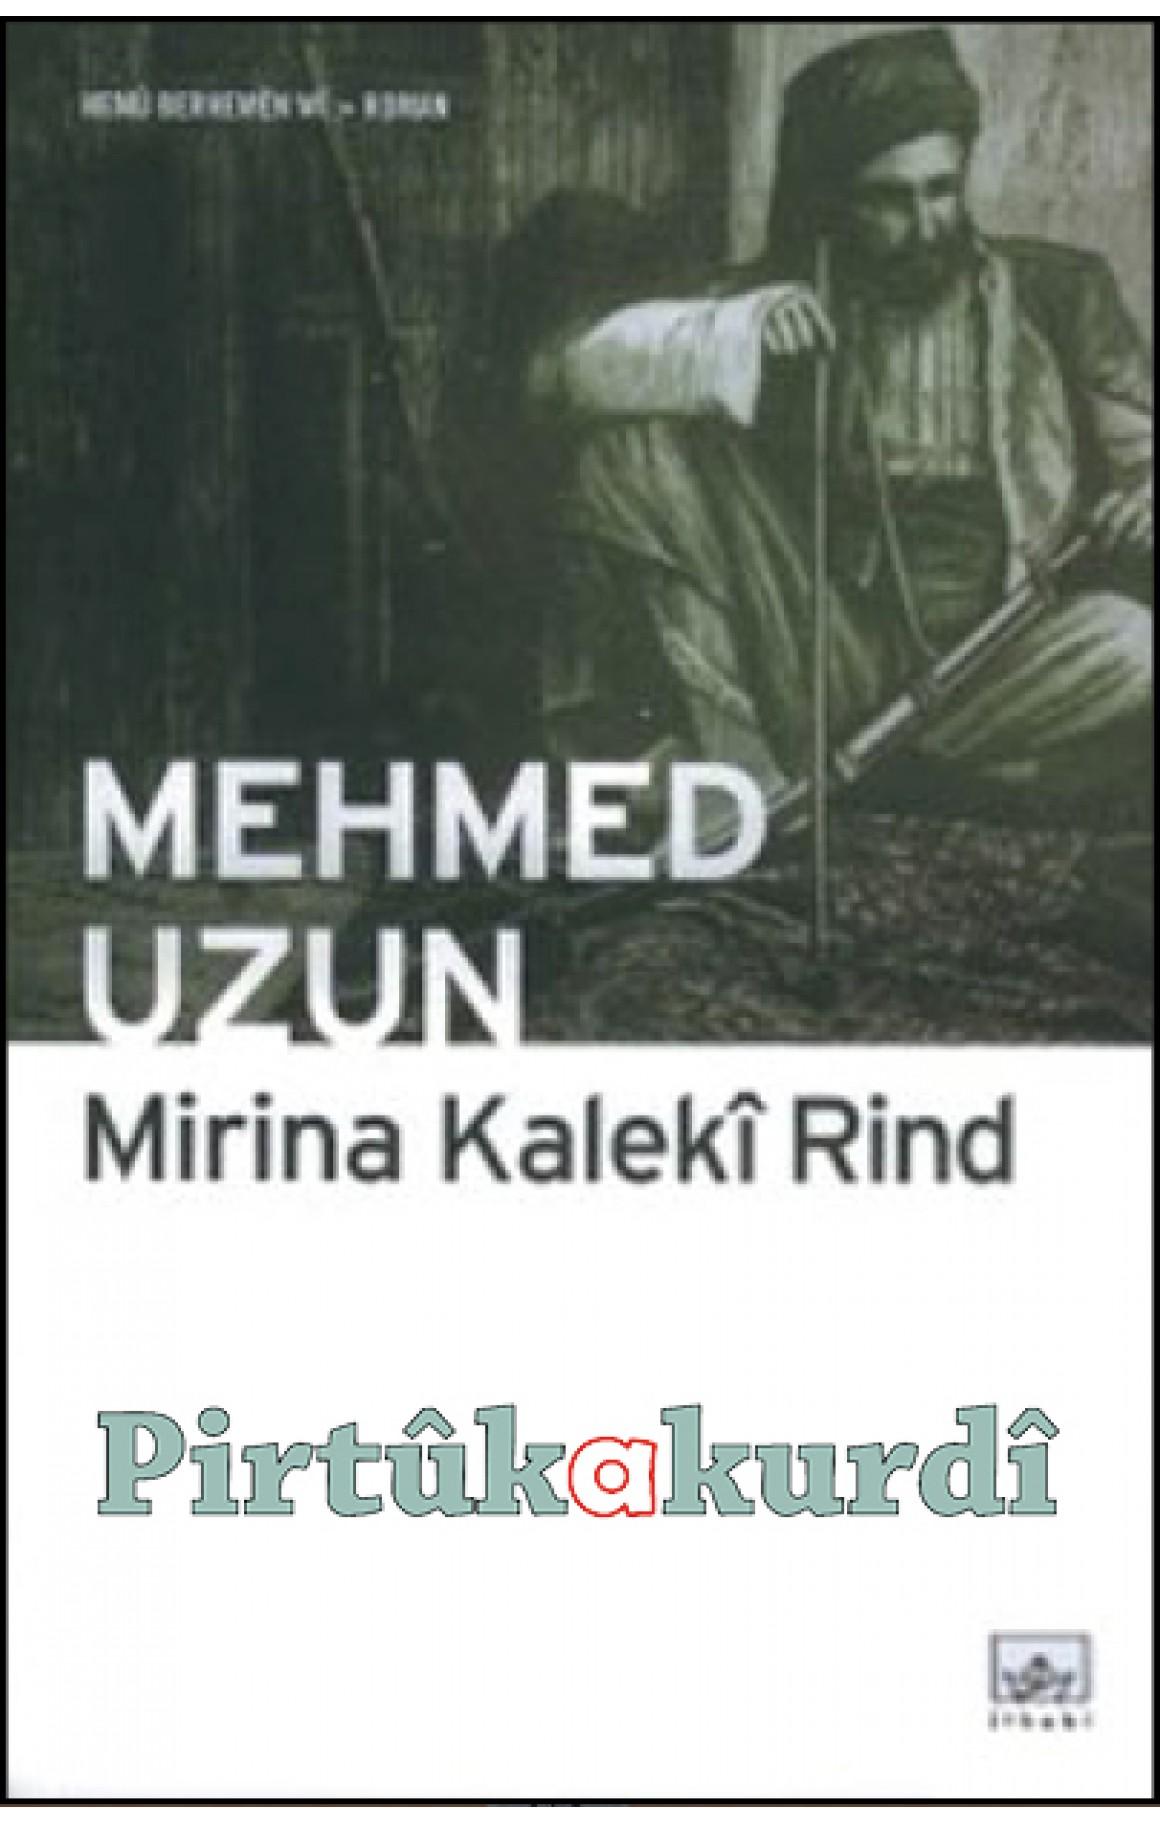 Mirina Kalekî Rind